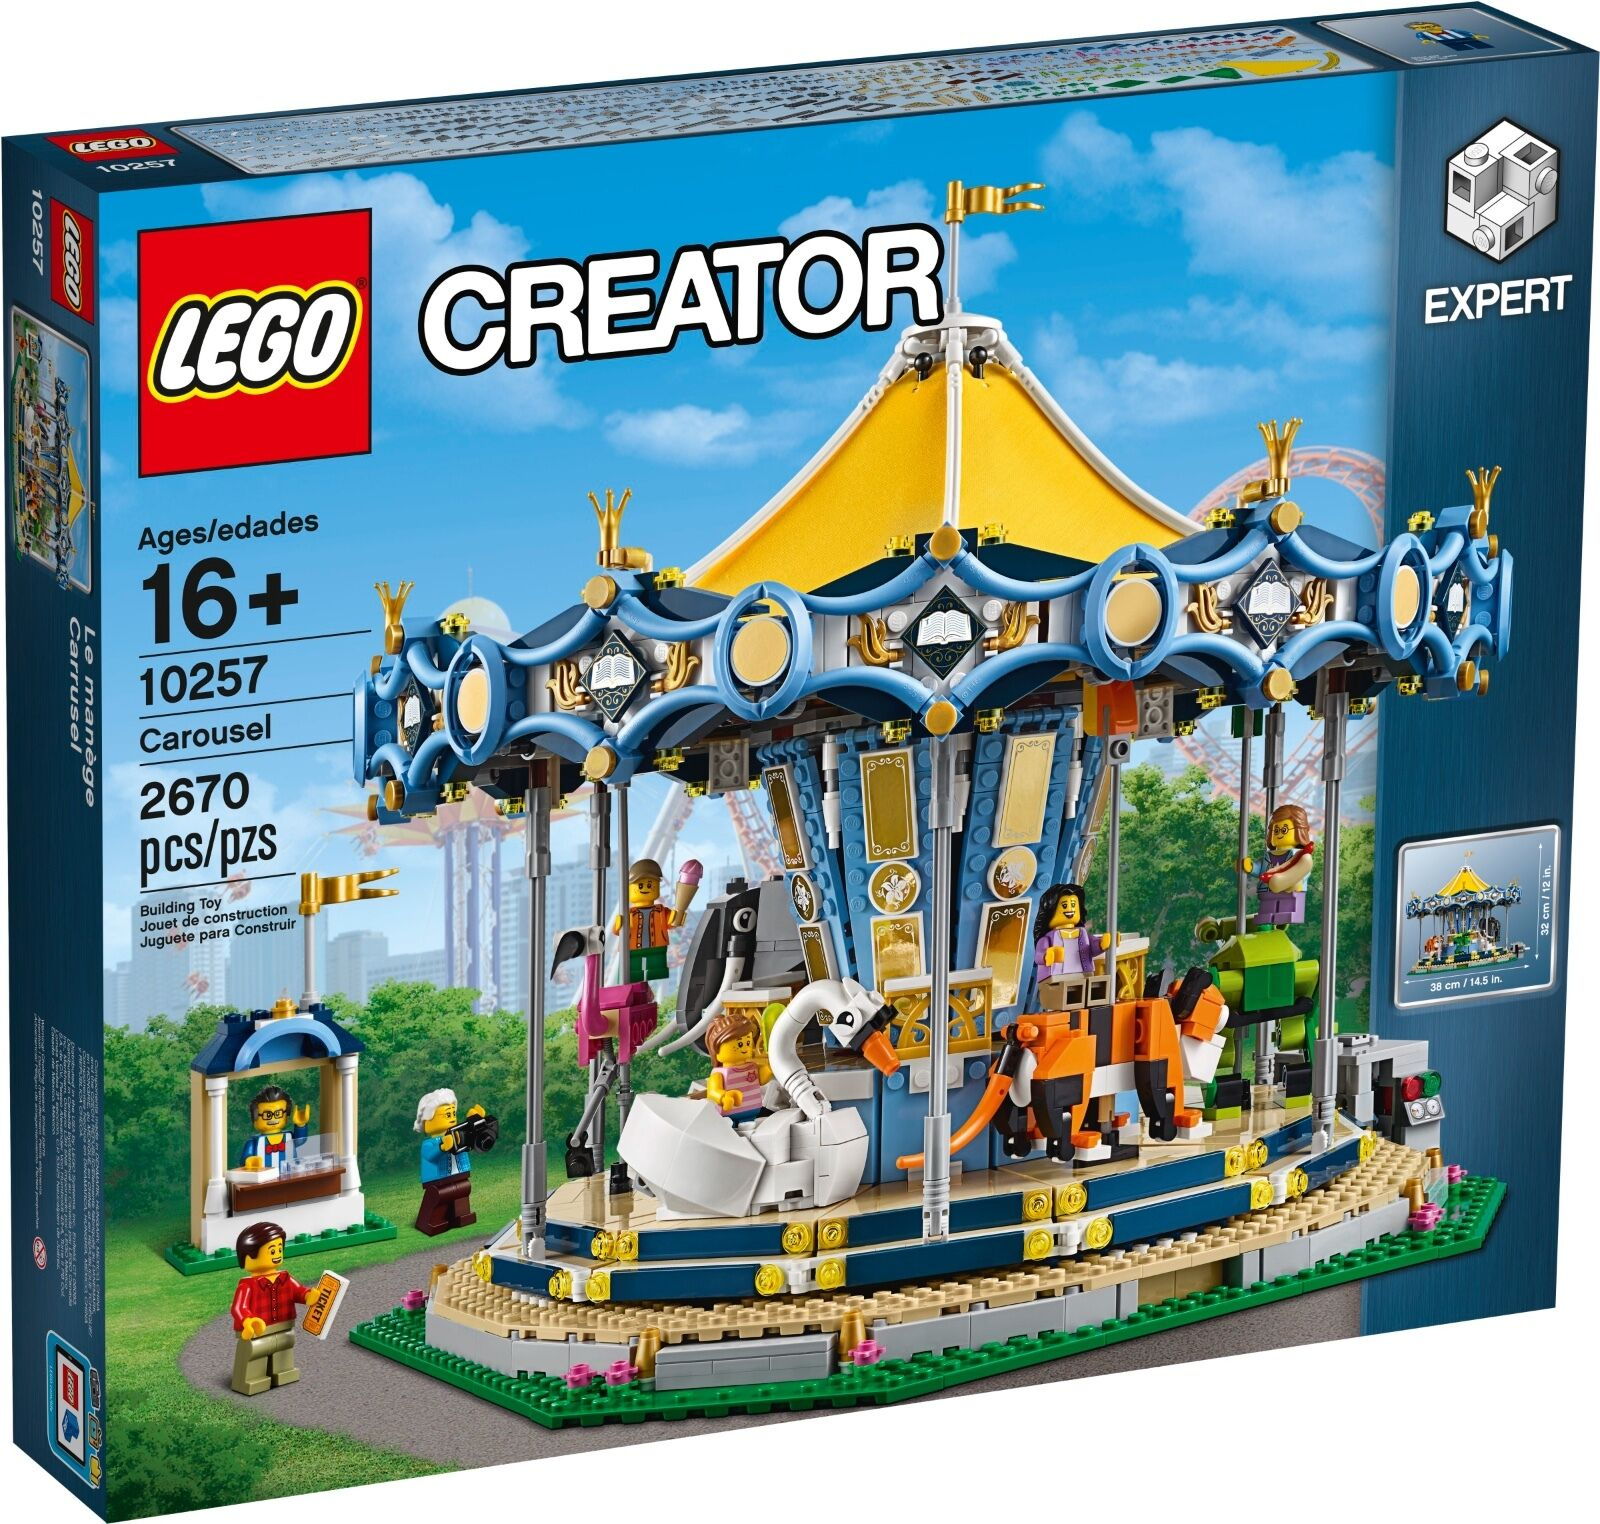 LEGO ® Creator 10257 Carrousel Nouveau neuf dans sa boîte _ Carousel NEW En parfait état, dans sa boîte scellée Boîte d'origine jamais ouverte